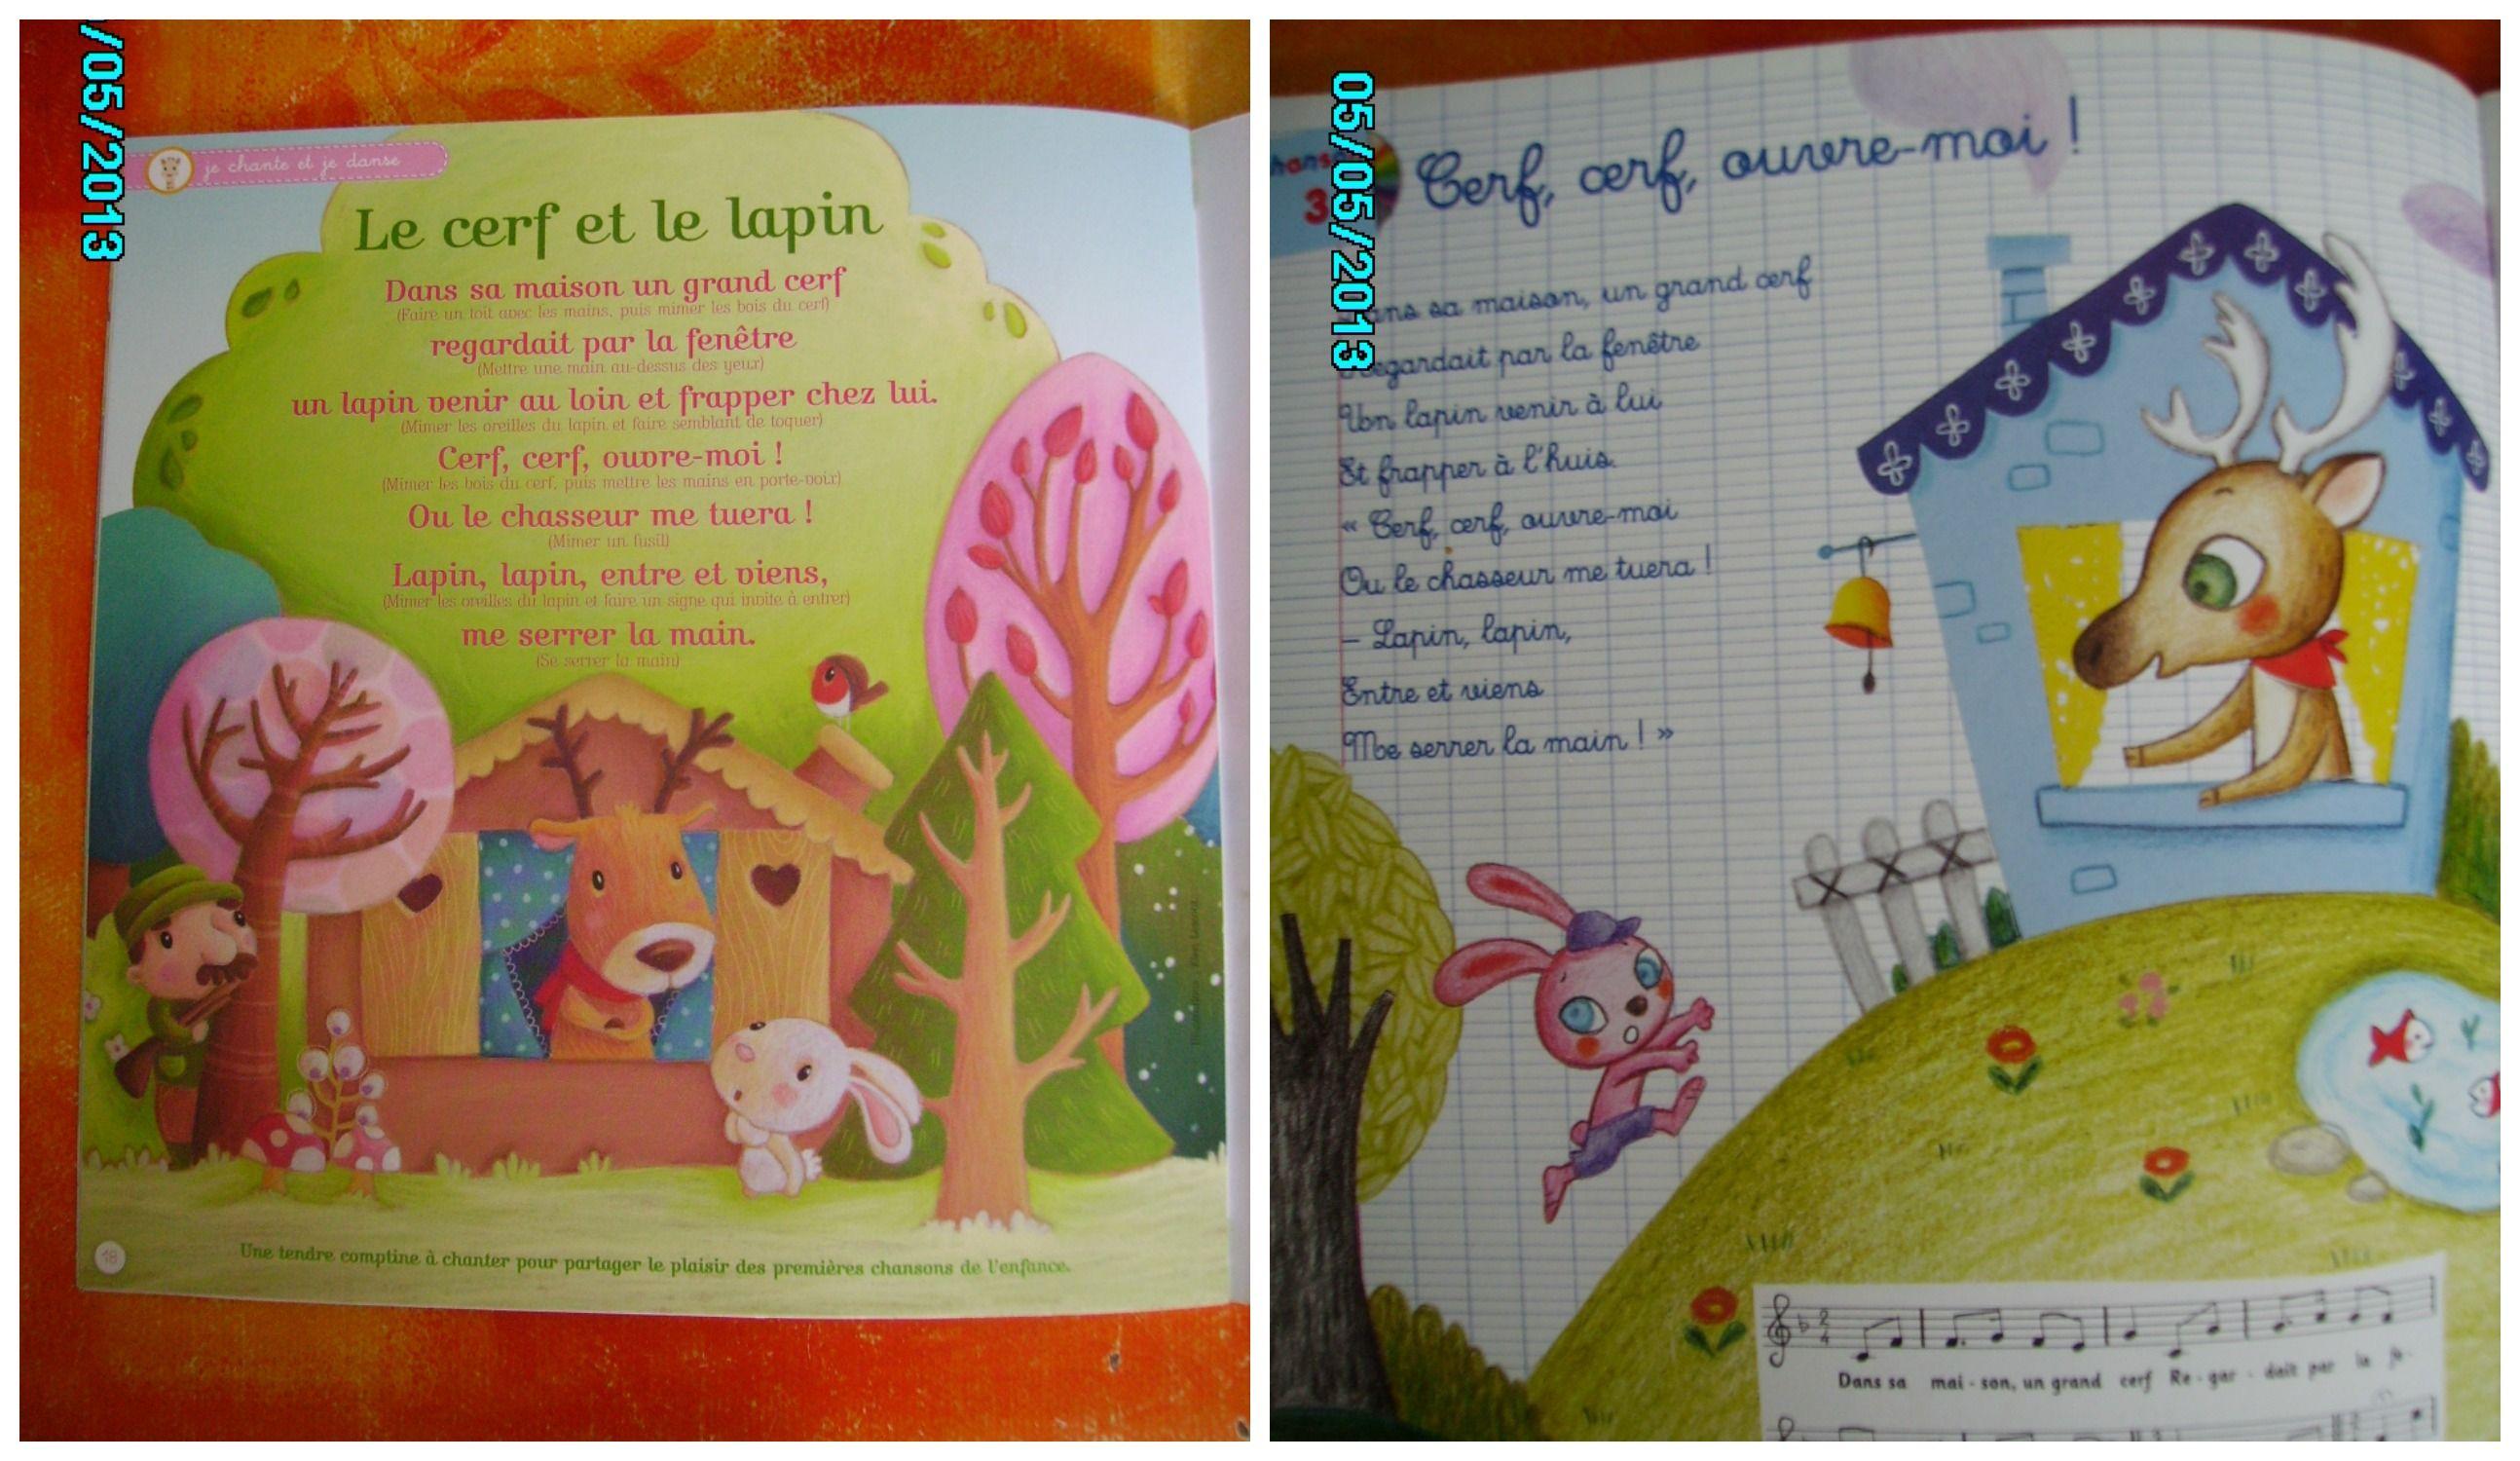 Le Cerf Et Le Lapin !! à Chanson Du Cerf Et Du Lapin